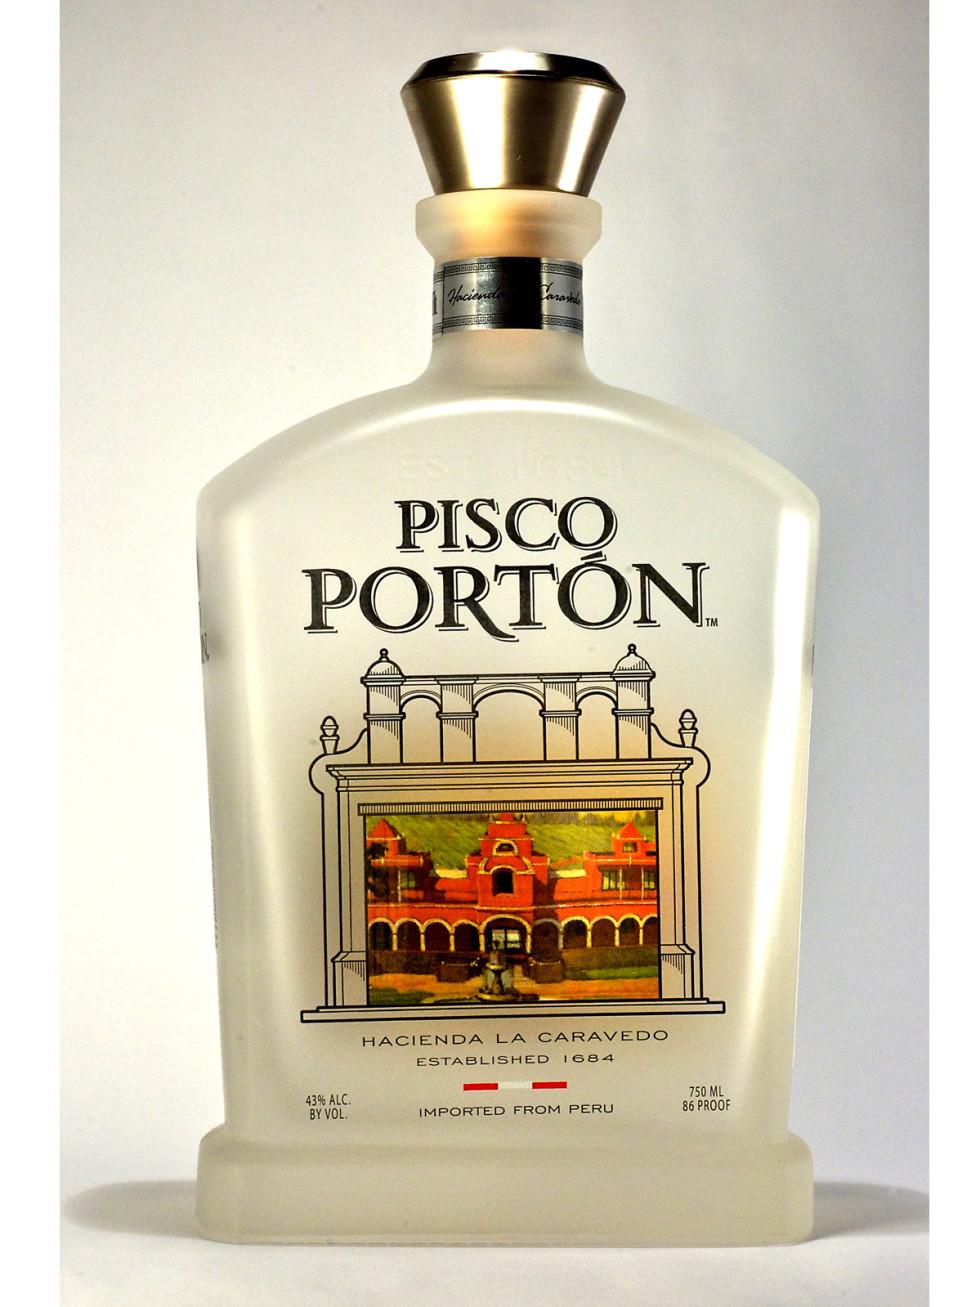 News_Pisco Porton_Bottle